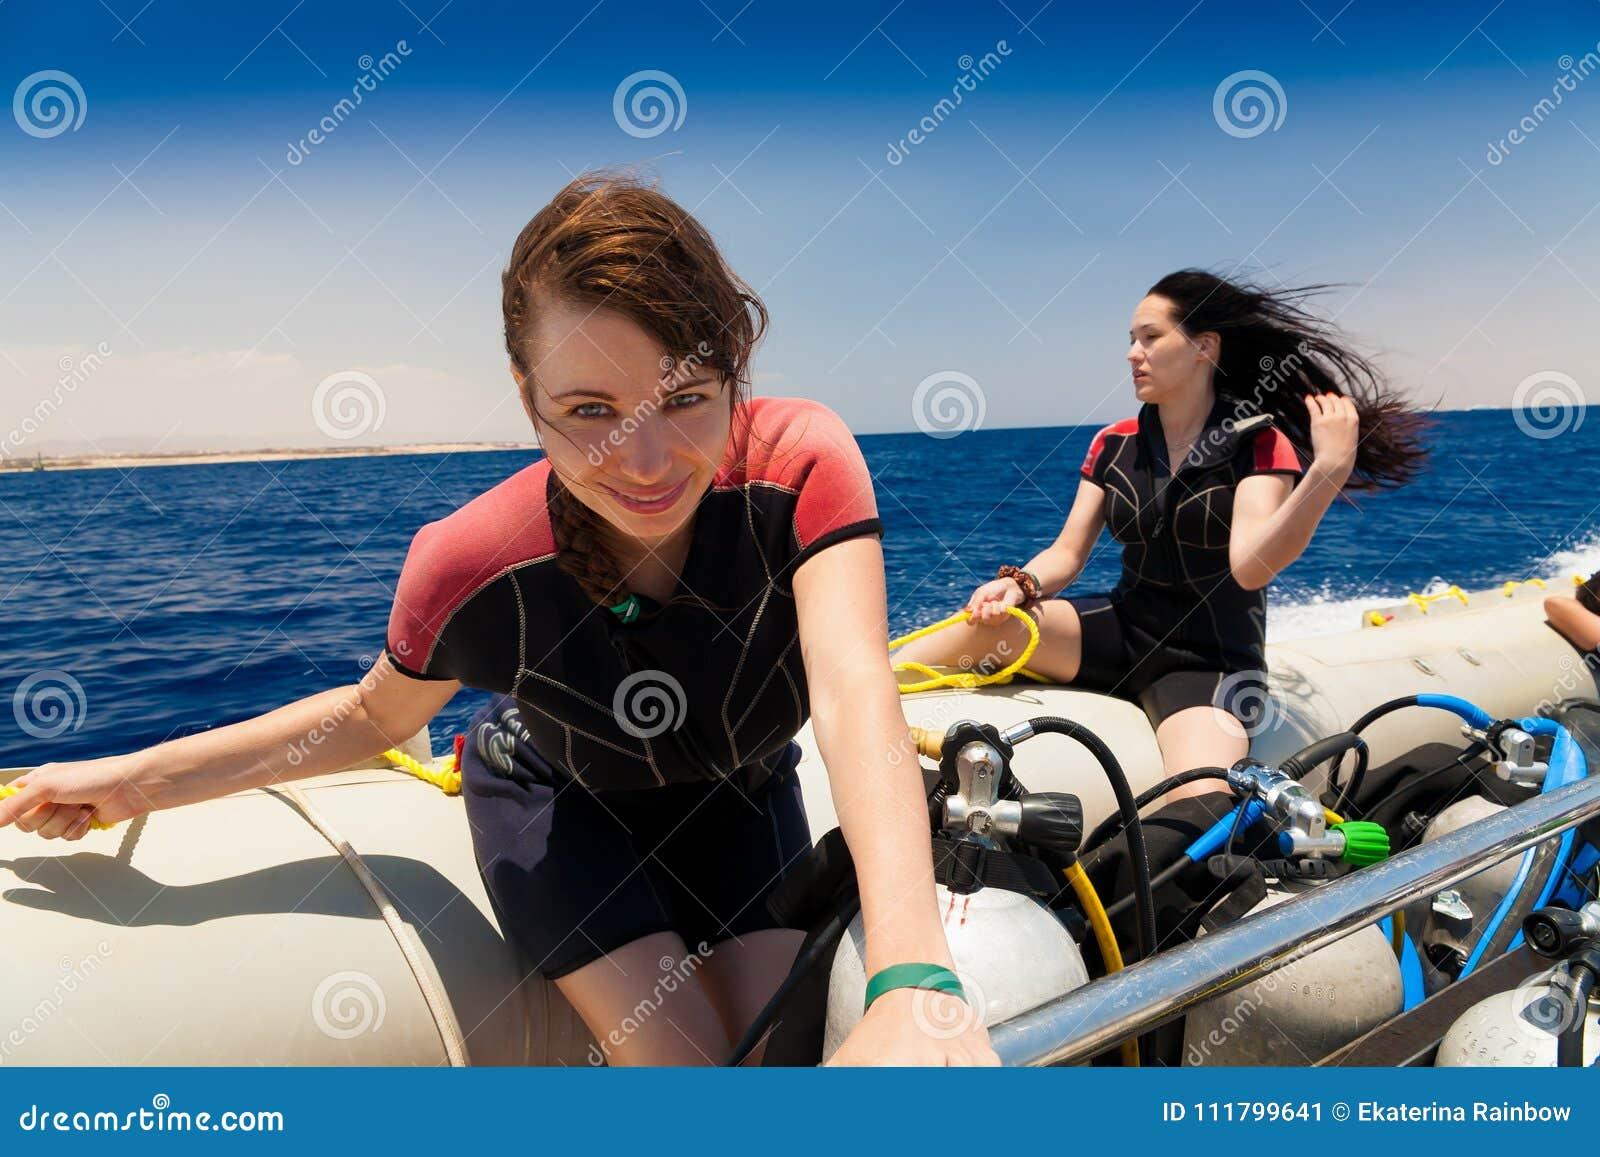 Αίγυπτος Ερυθρά Θάλασσα Γυναίκα στη βάρκα Γύρος κατάδυσης